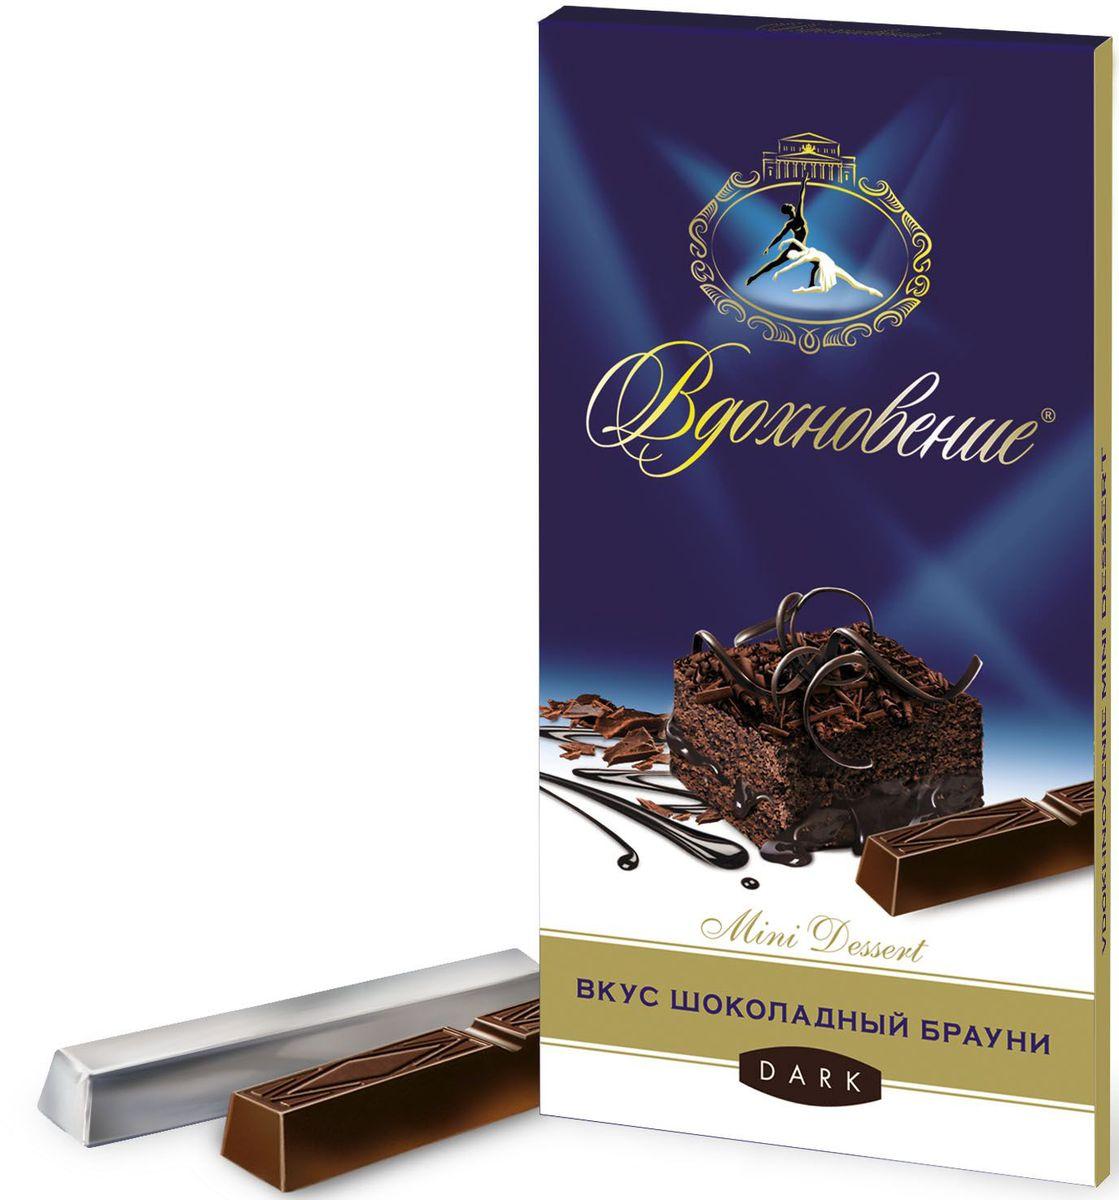 Бабаевский Вдохновение Mini Dessert вкус Шоколадный брауни темный шоколад, 100 г0120710Гордость бренда Бабаевский - высококачественный темный шоколад, созданный с использованием отборных какао бобов и какао масла.